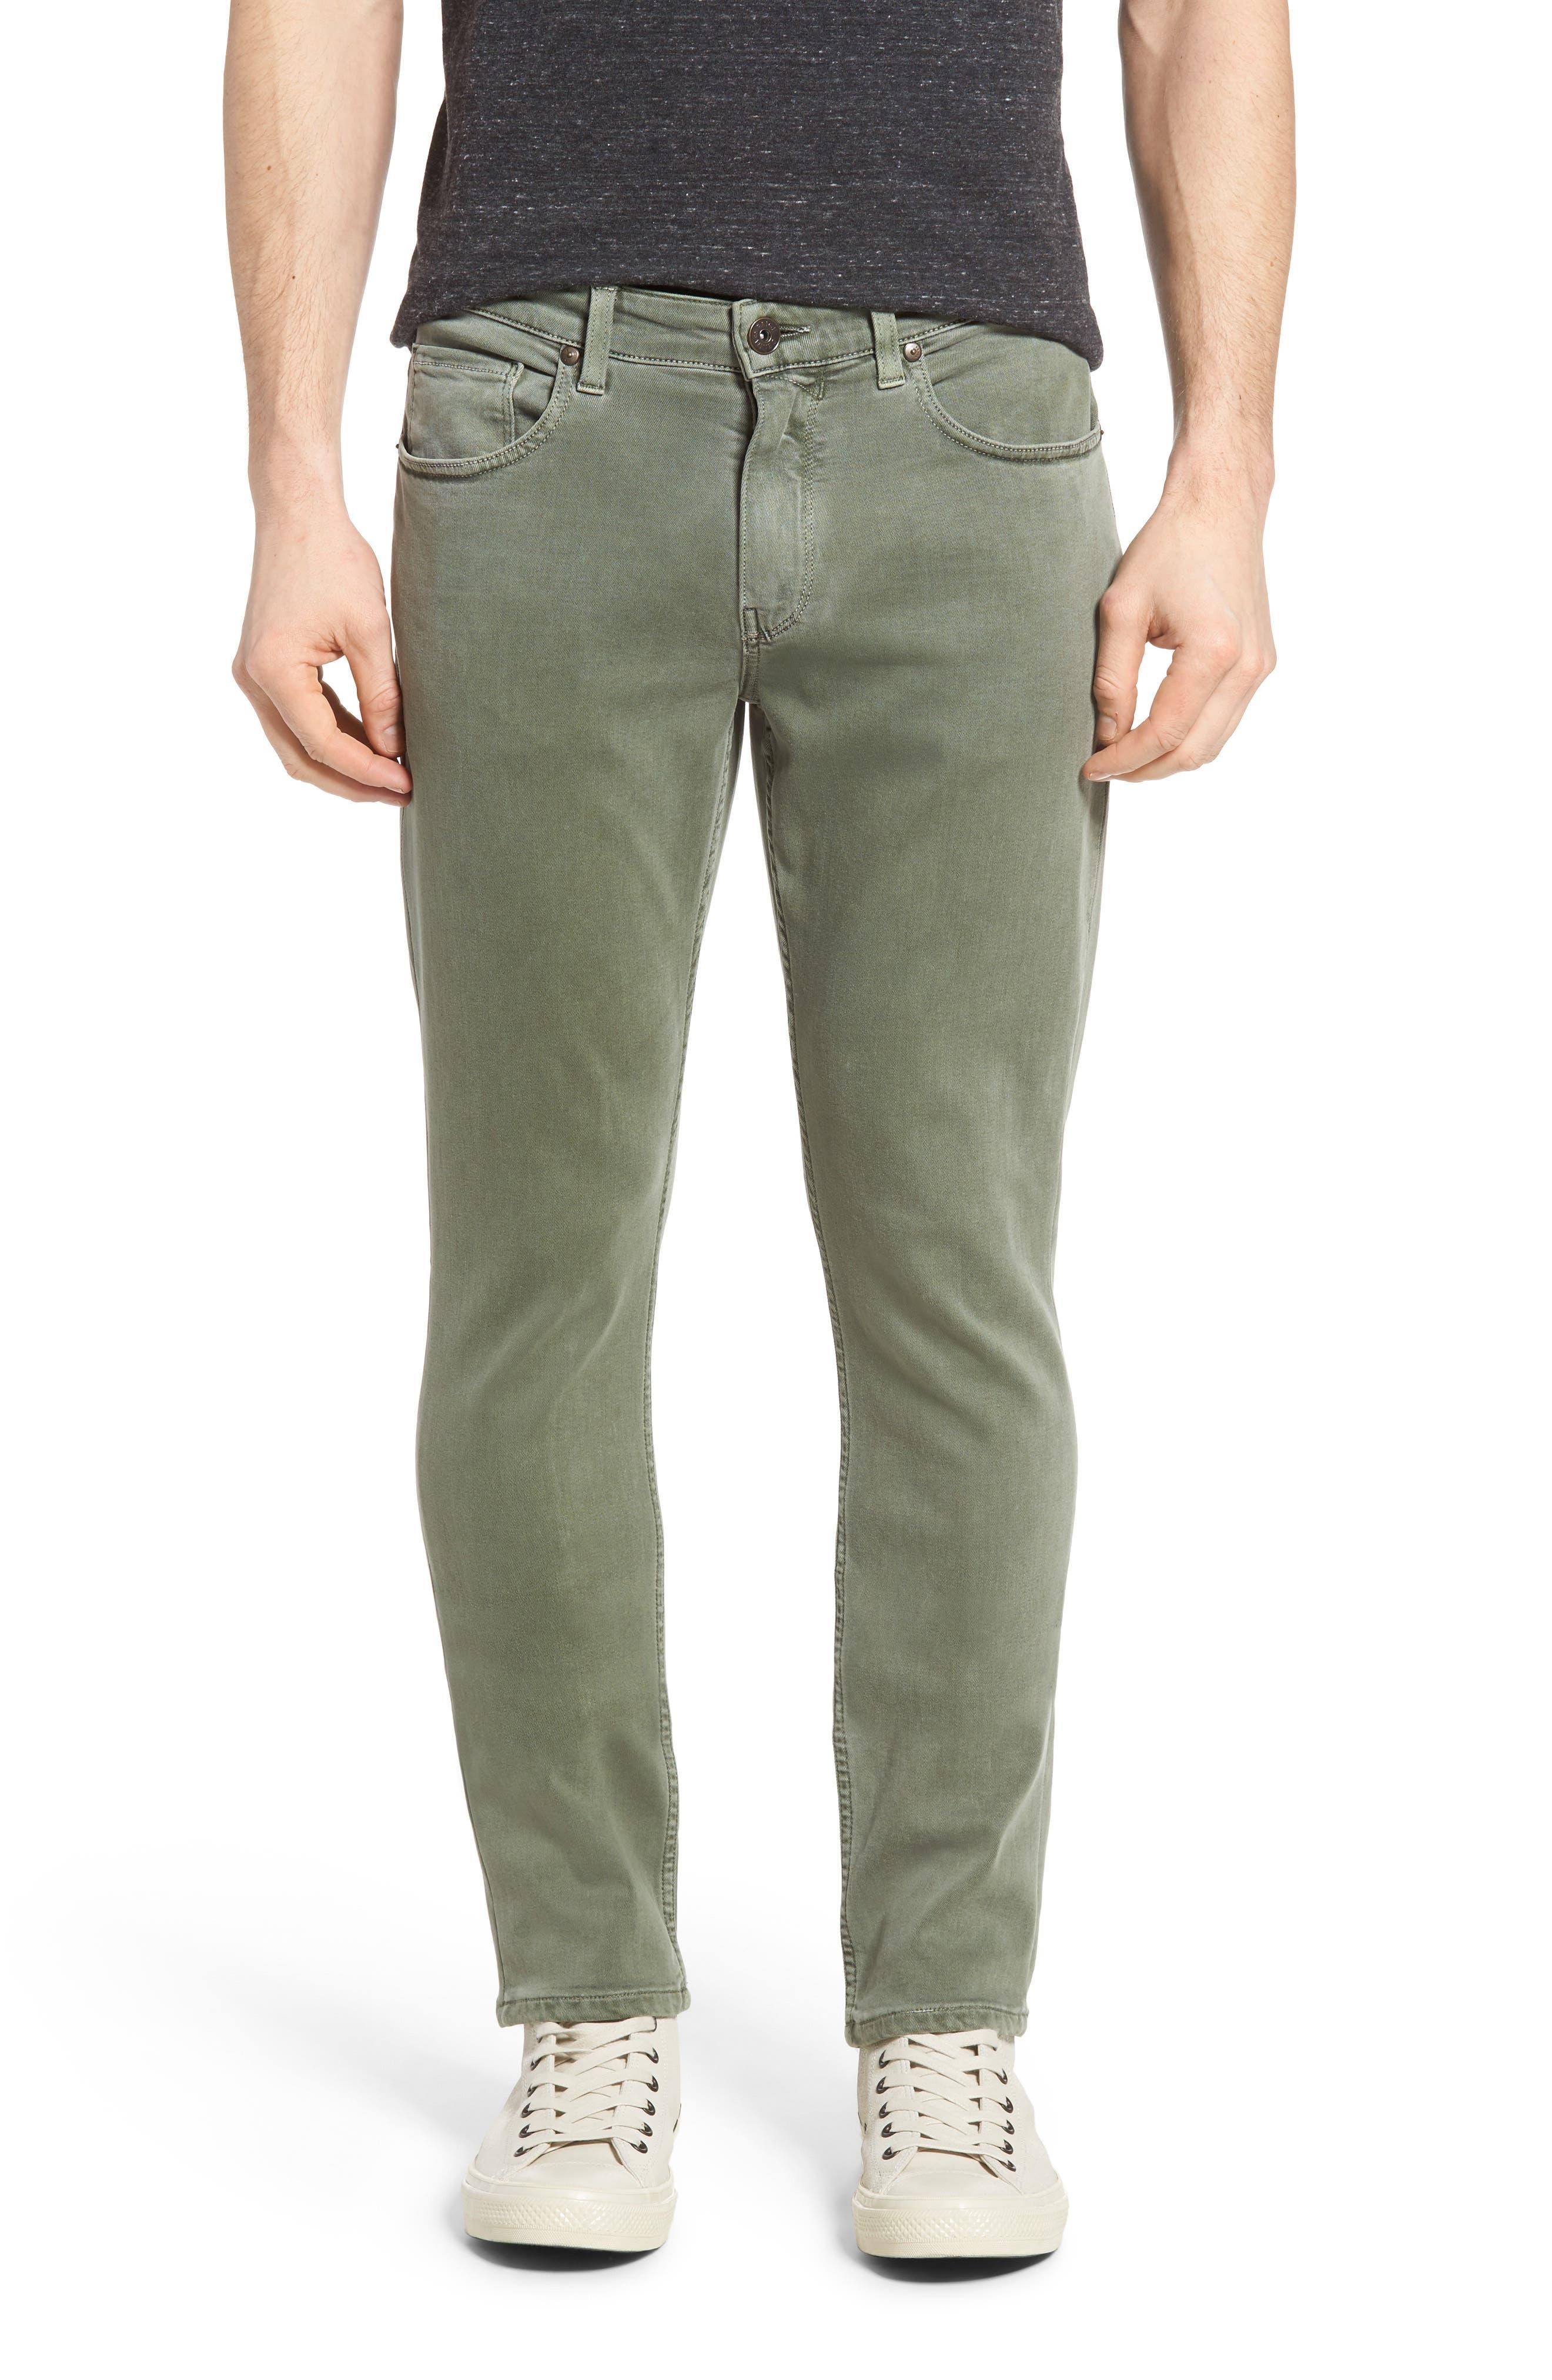 Transcend - Lennox Slim Fit Jeans,                         Main,                         color, 300